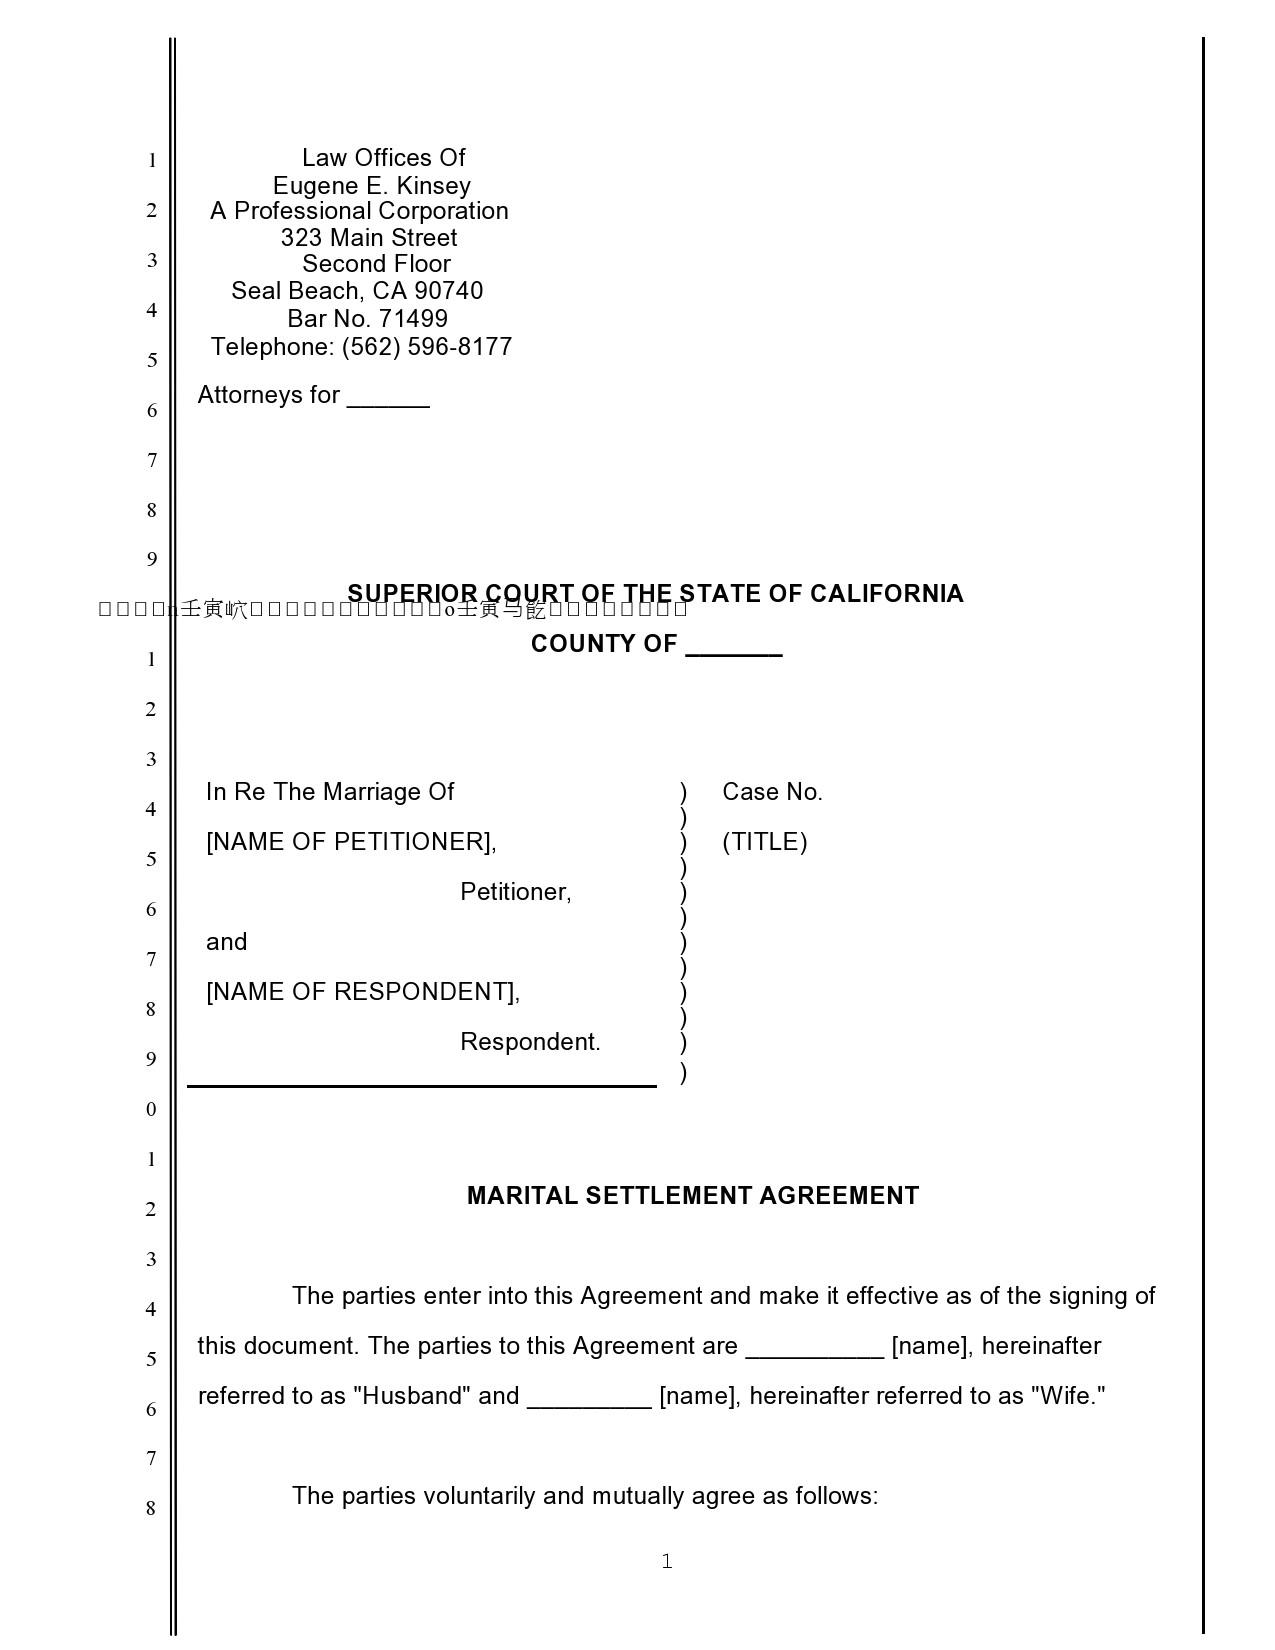 Free marital settlement agreement 14